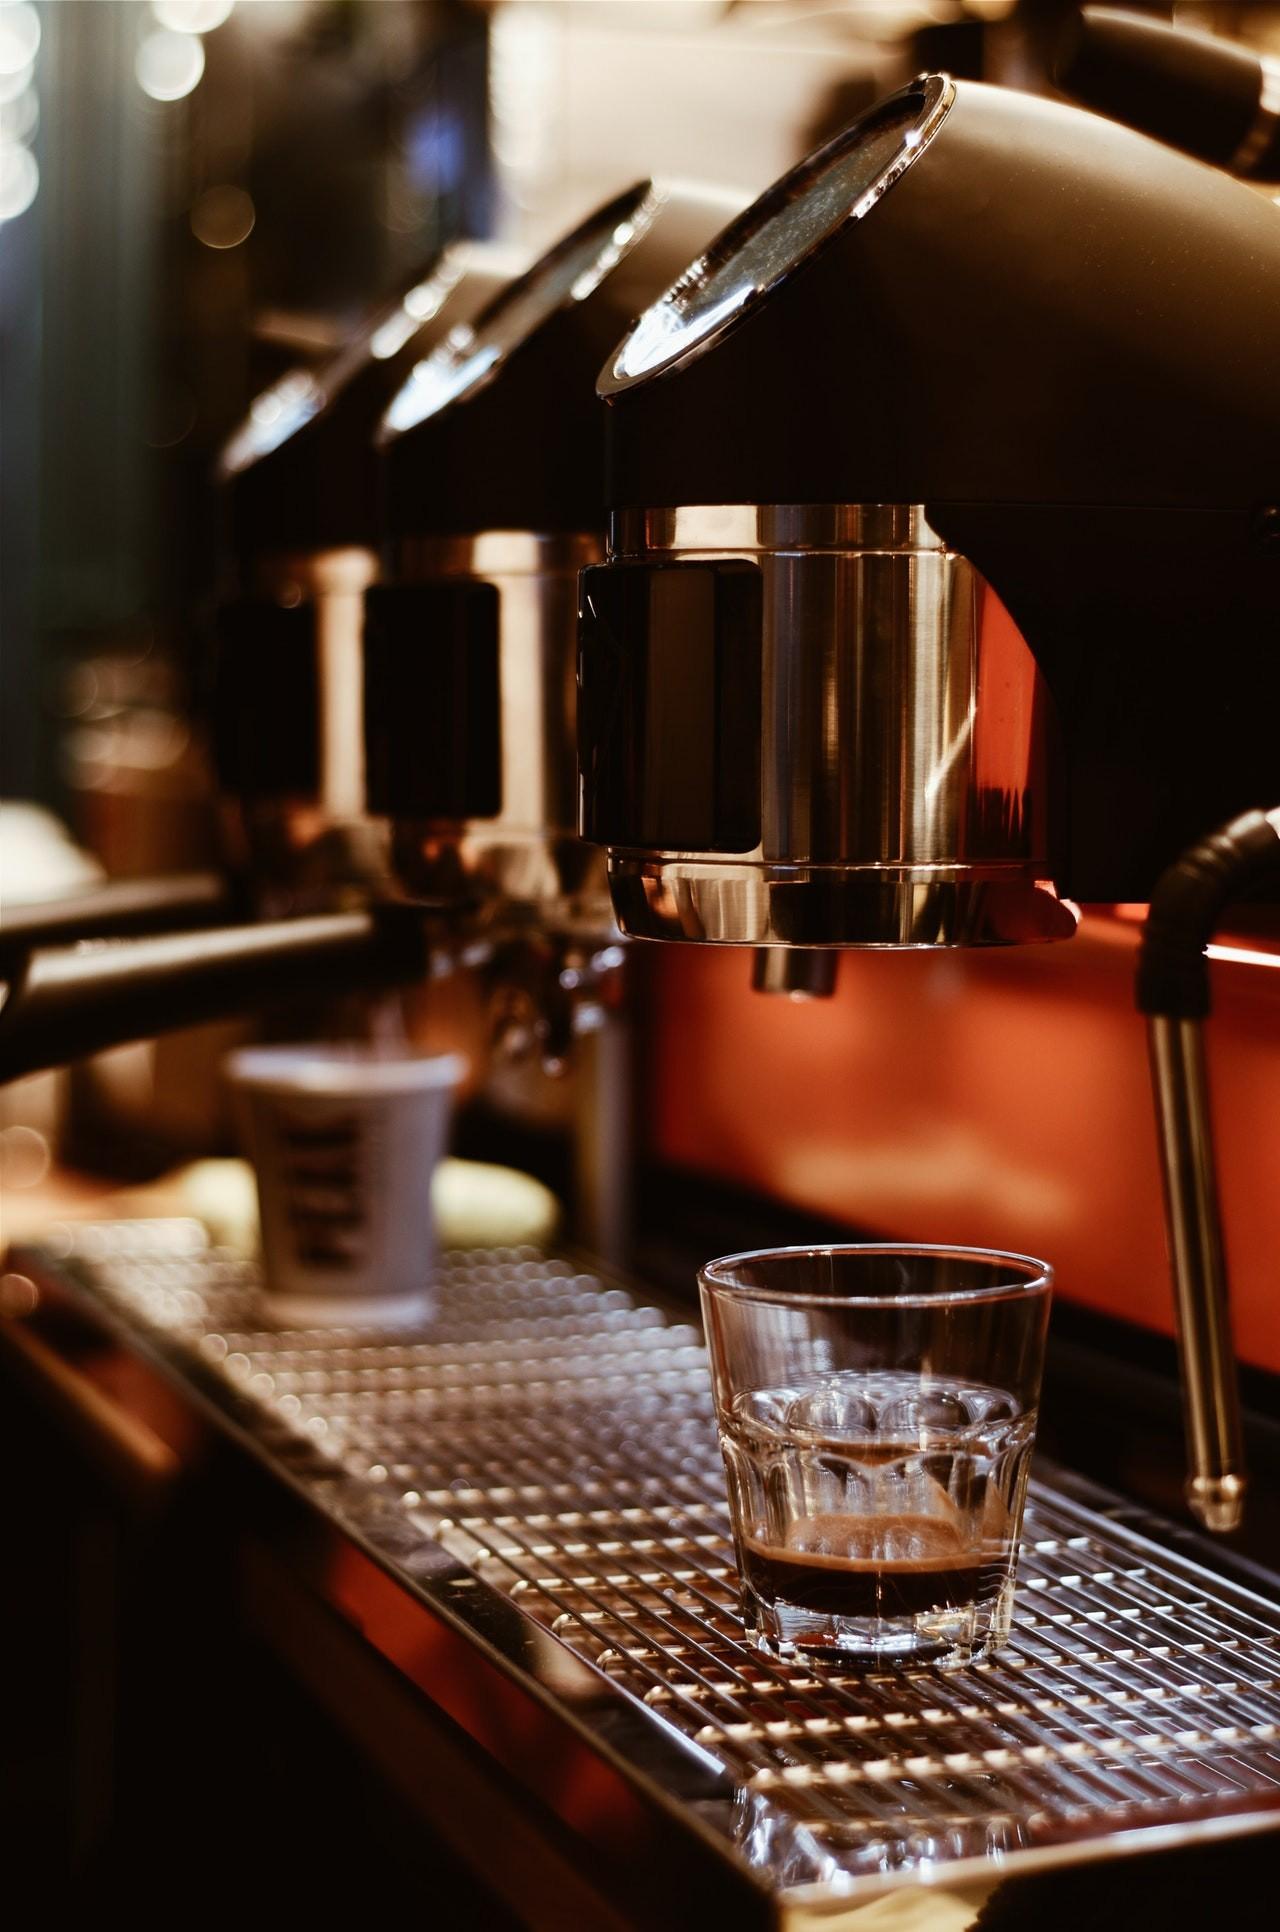 Profi Espressomaschinen können oft mehrere Espressos gleichzeitig zubereiten.